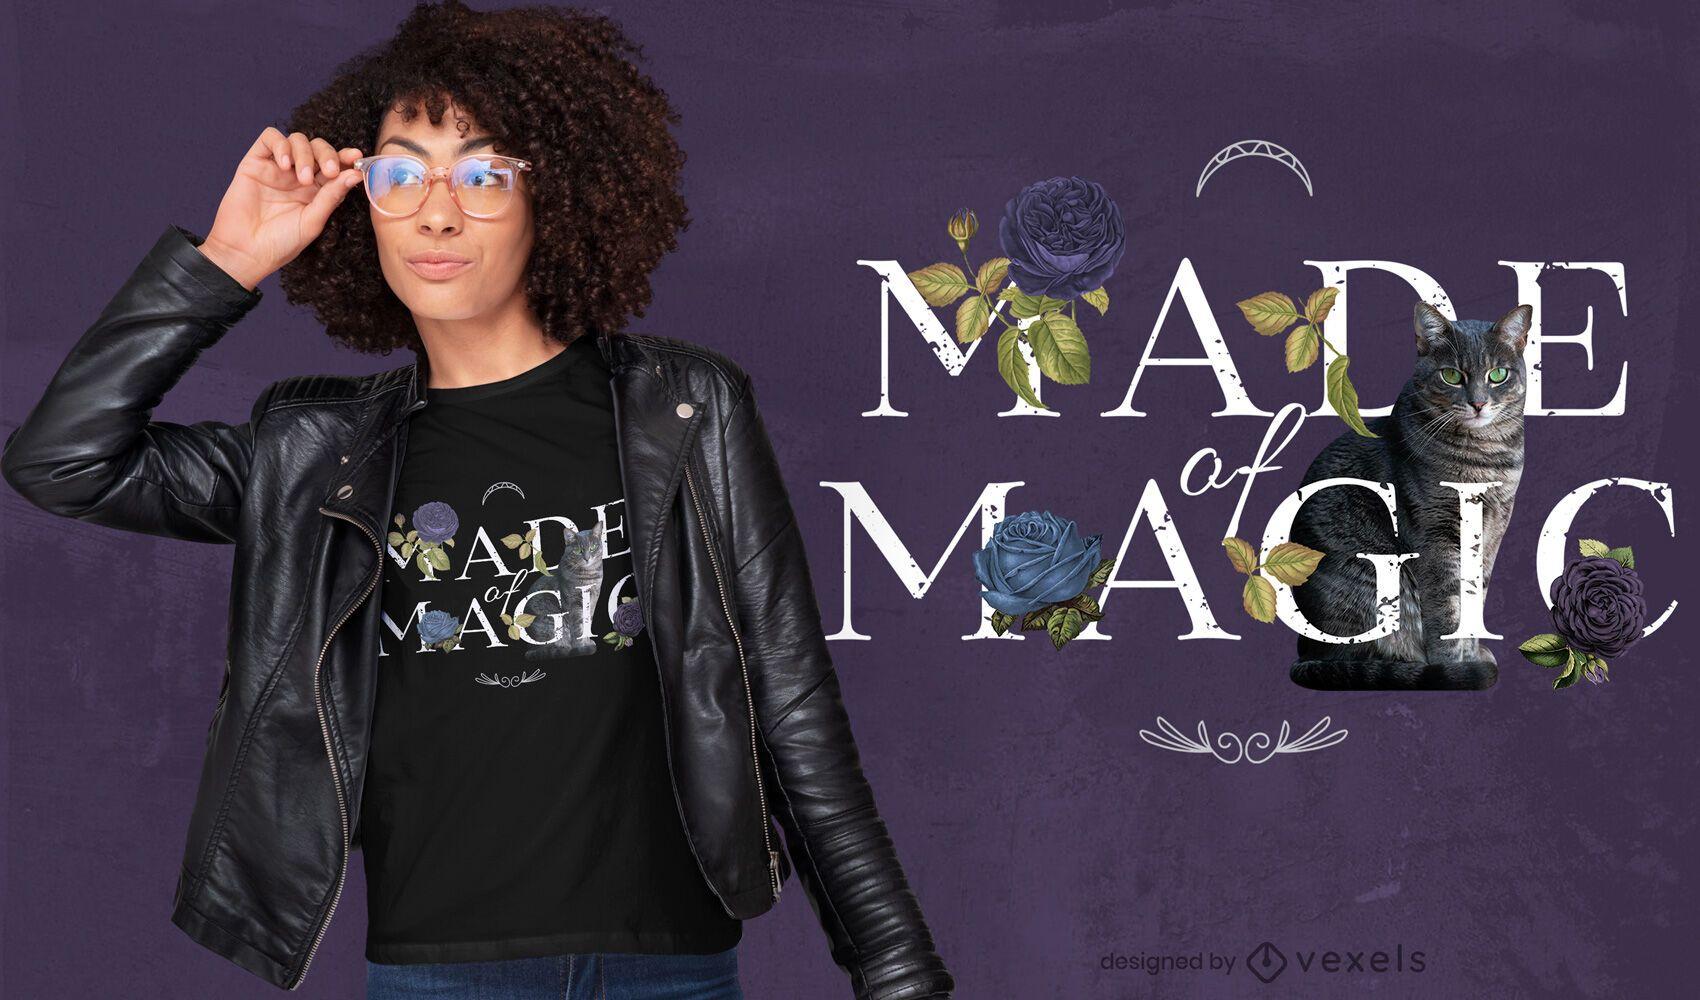 Diseño de camiseta psd floral hecho de cita mágica